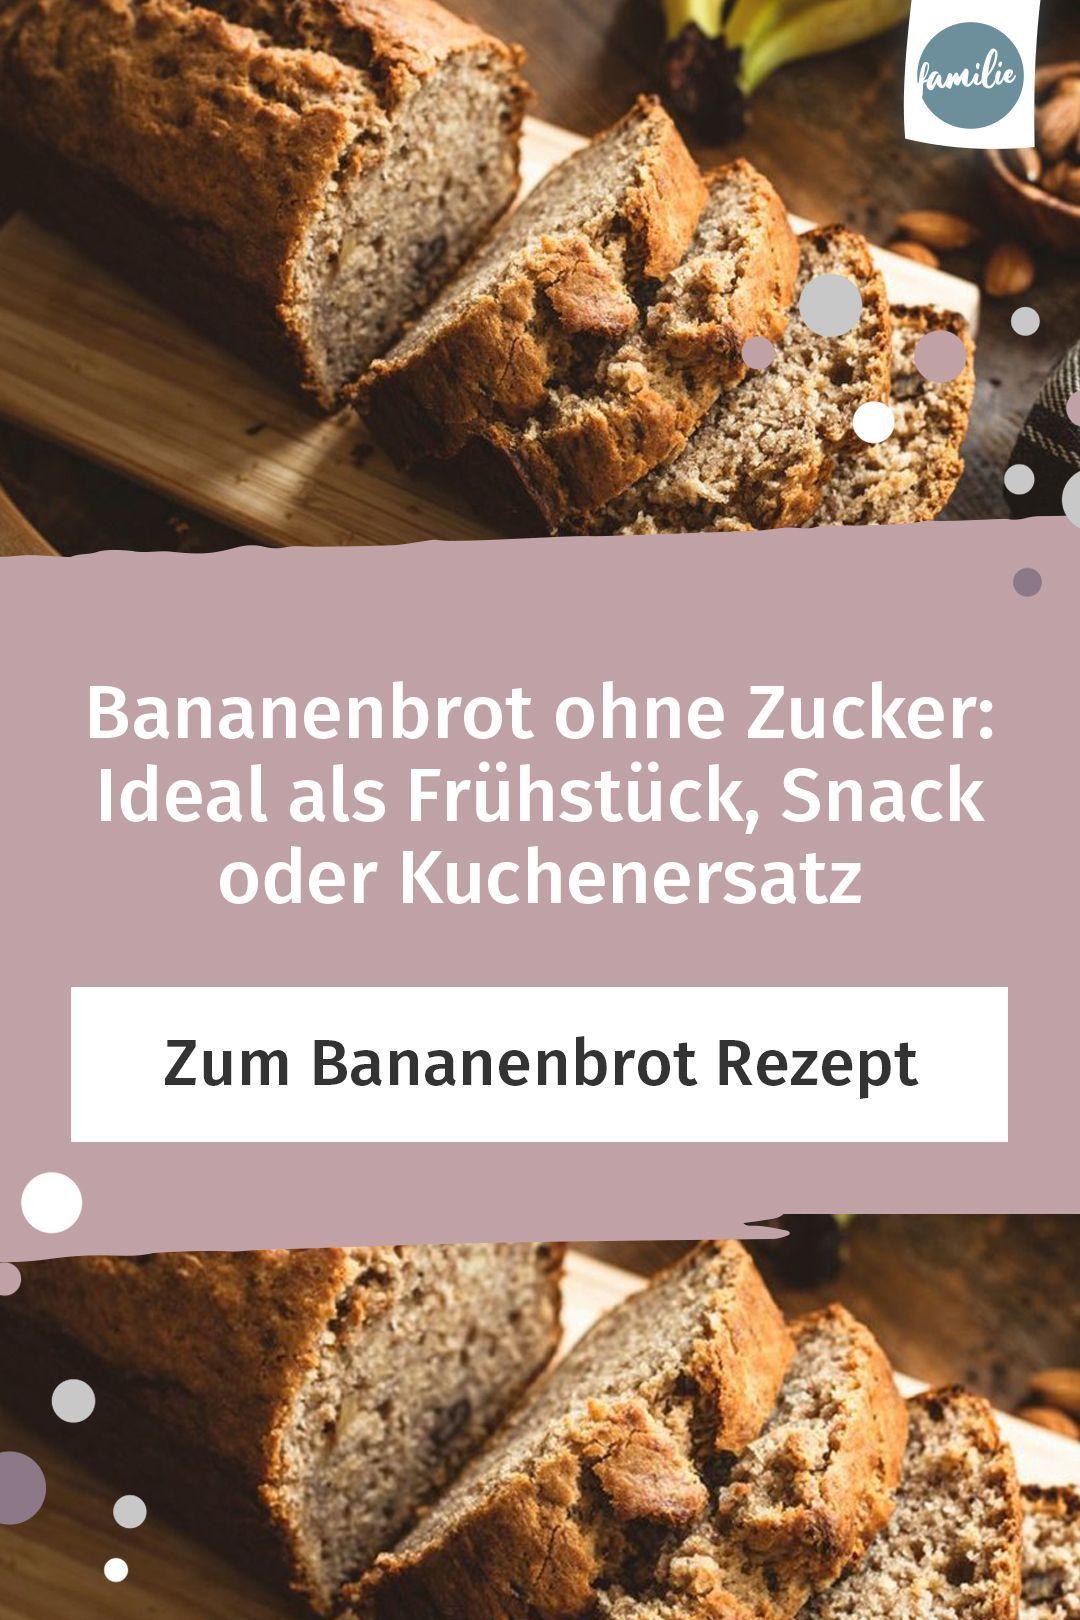 Bananenbrot ohne Zucker: ideal als Frühstück, | Ketogene Rezepte Kuchen